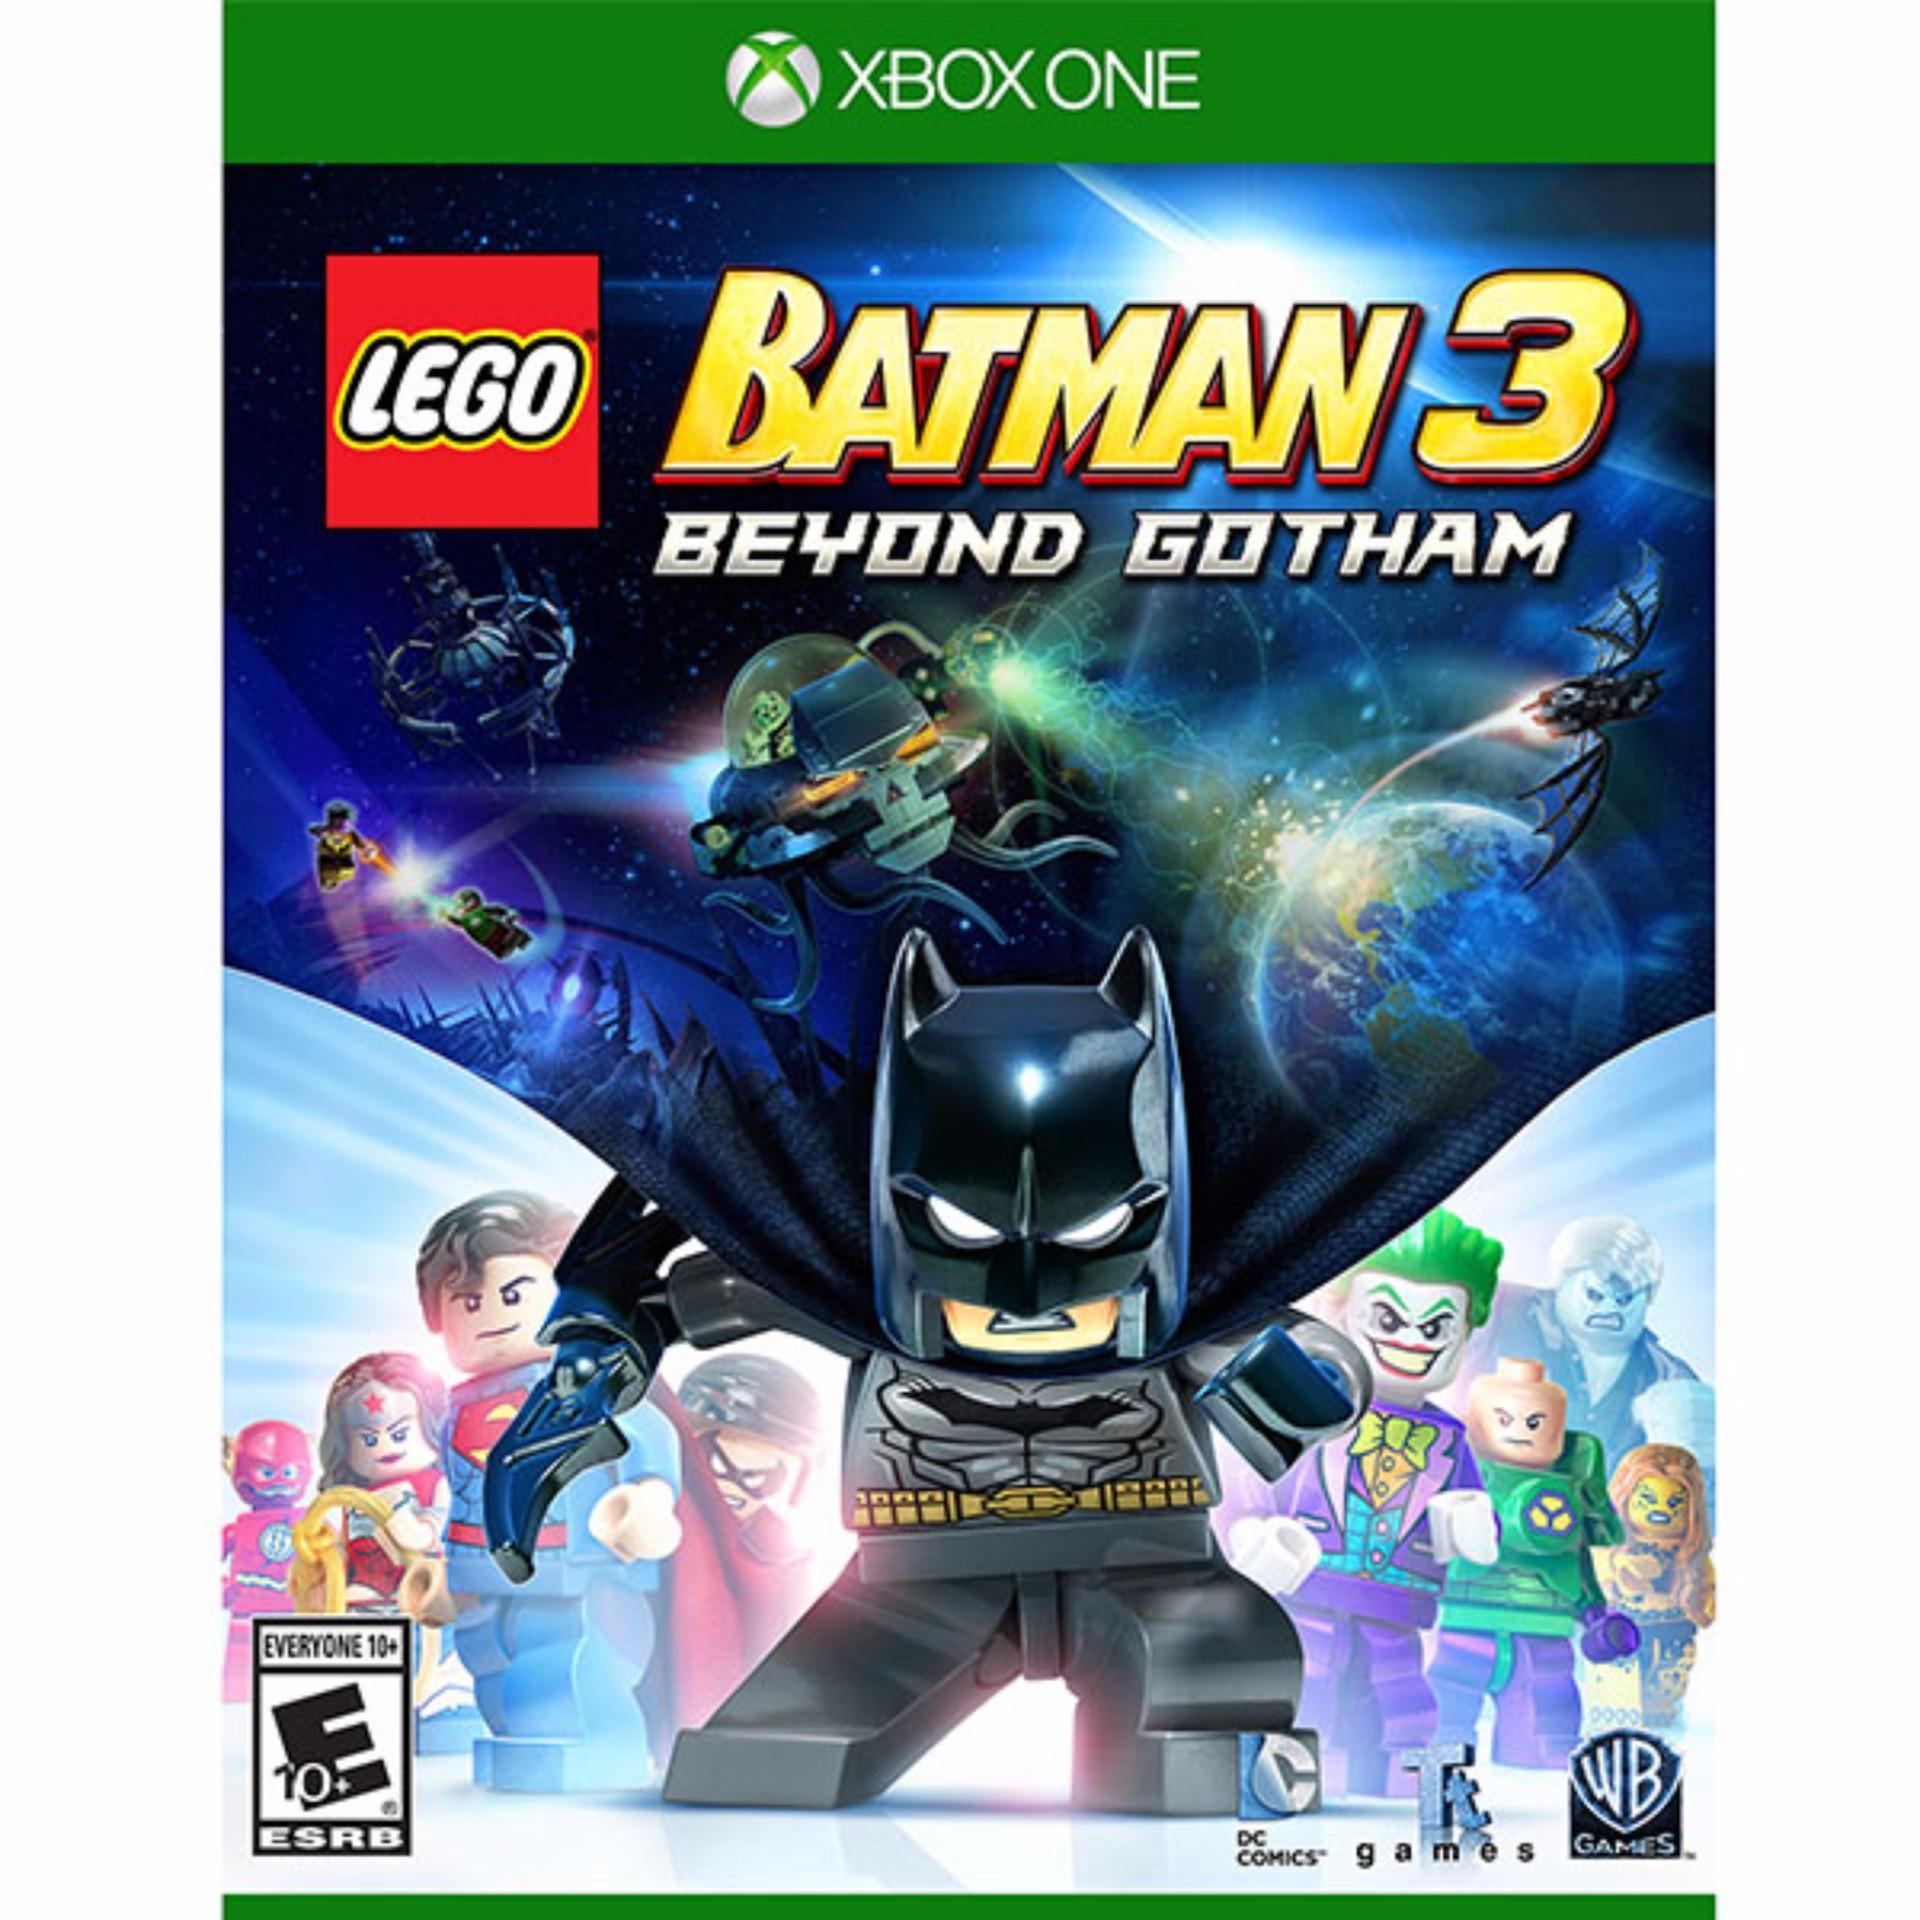 Xbox One Lego Batman 3 Beyond Gotham